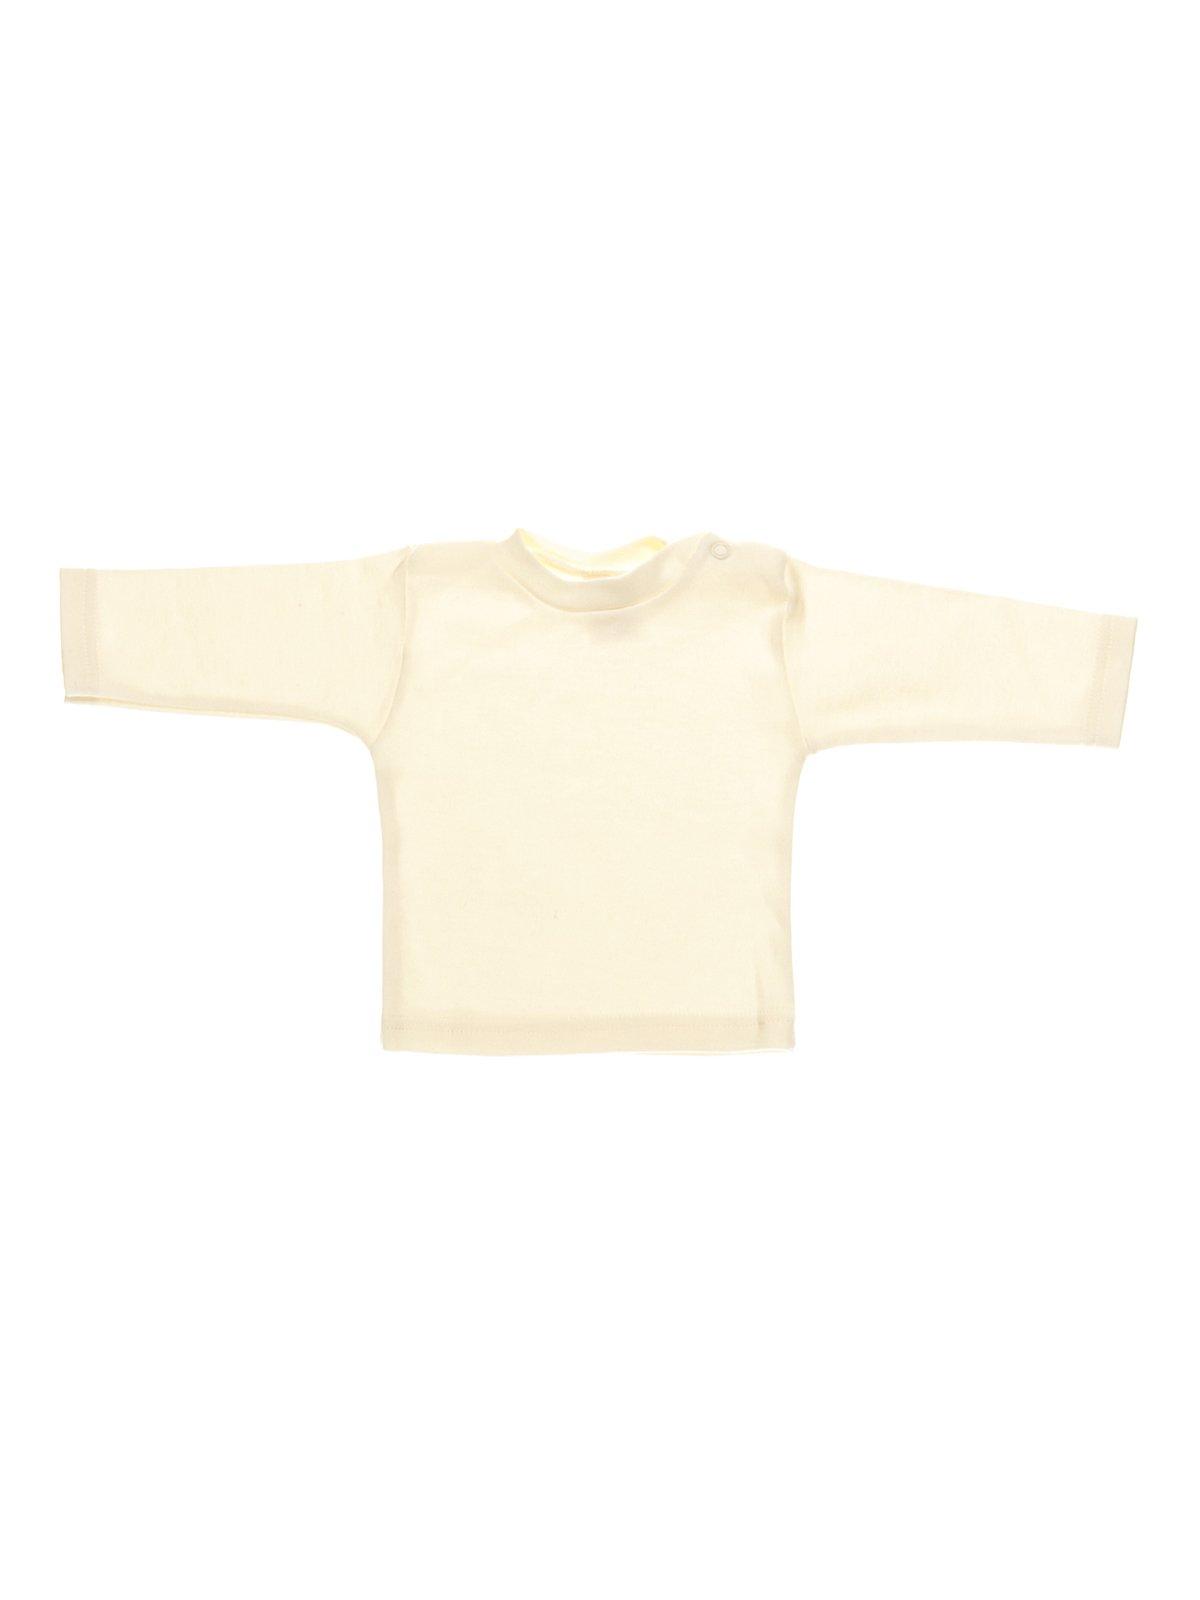 Джемпер молочного цвета | 2930130